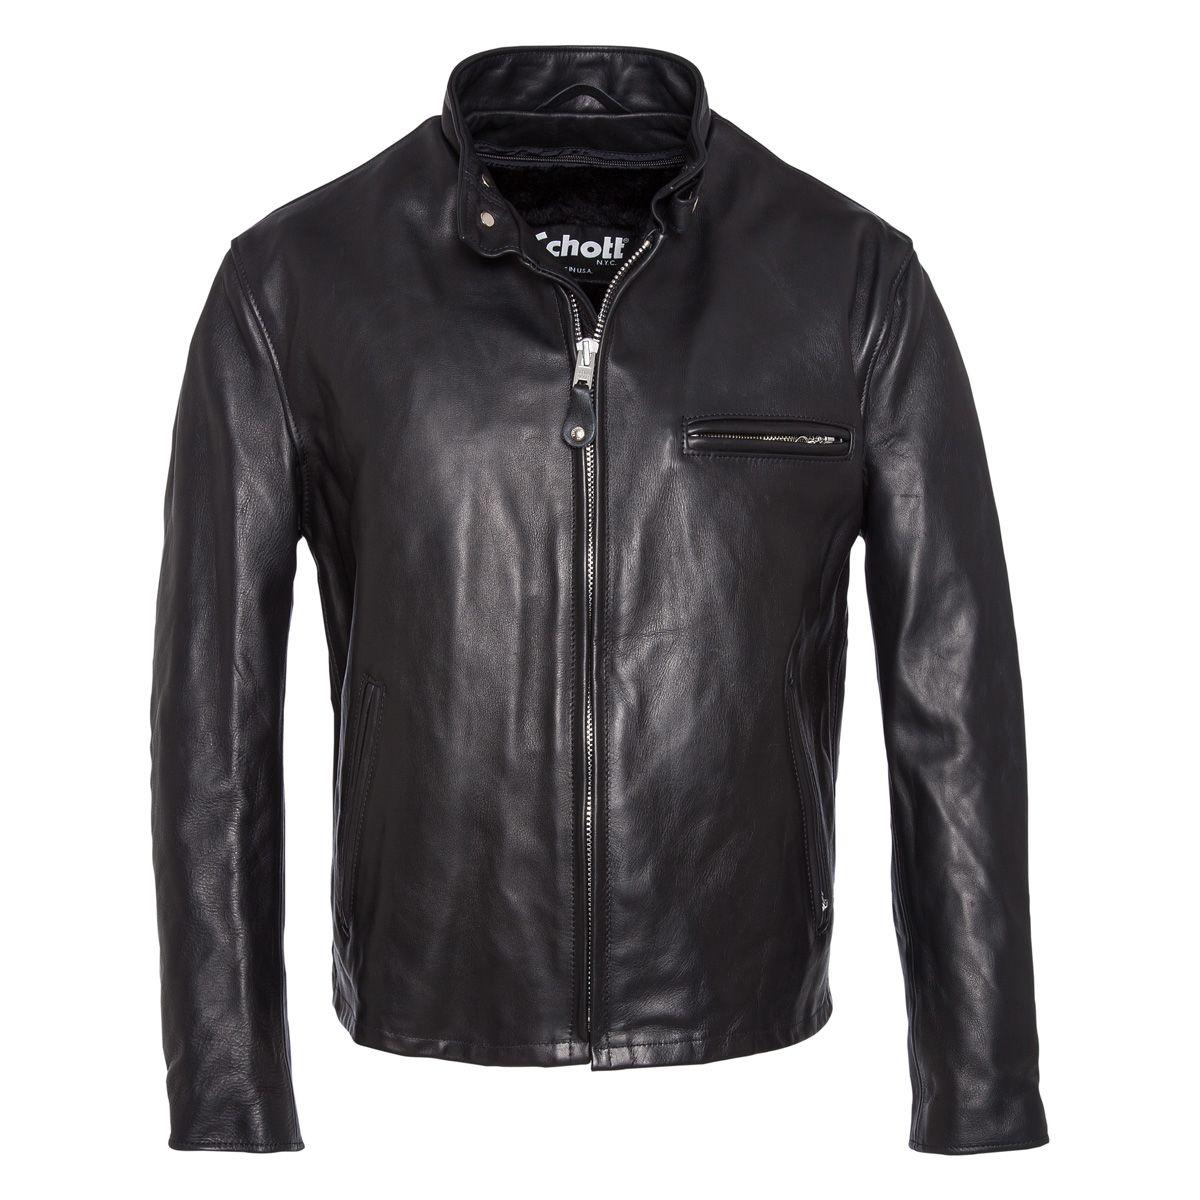 Vêtement en cuir Blousons SCHOTT noir